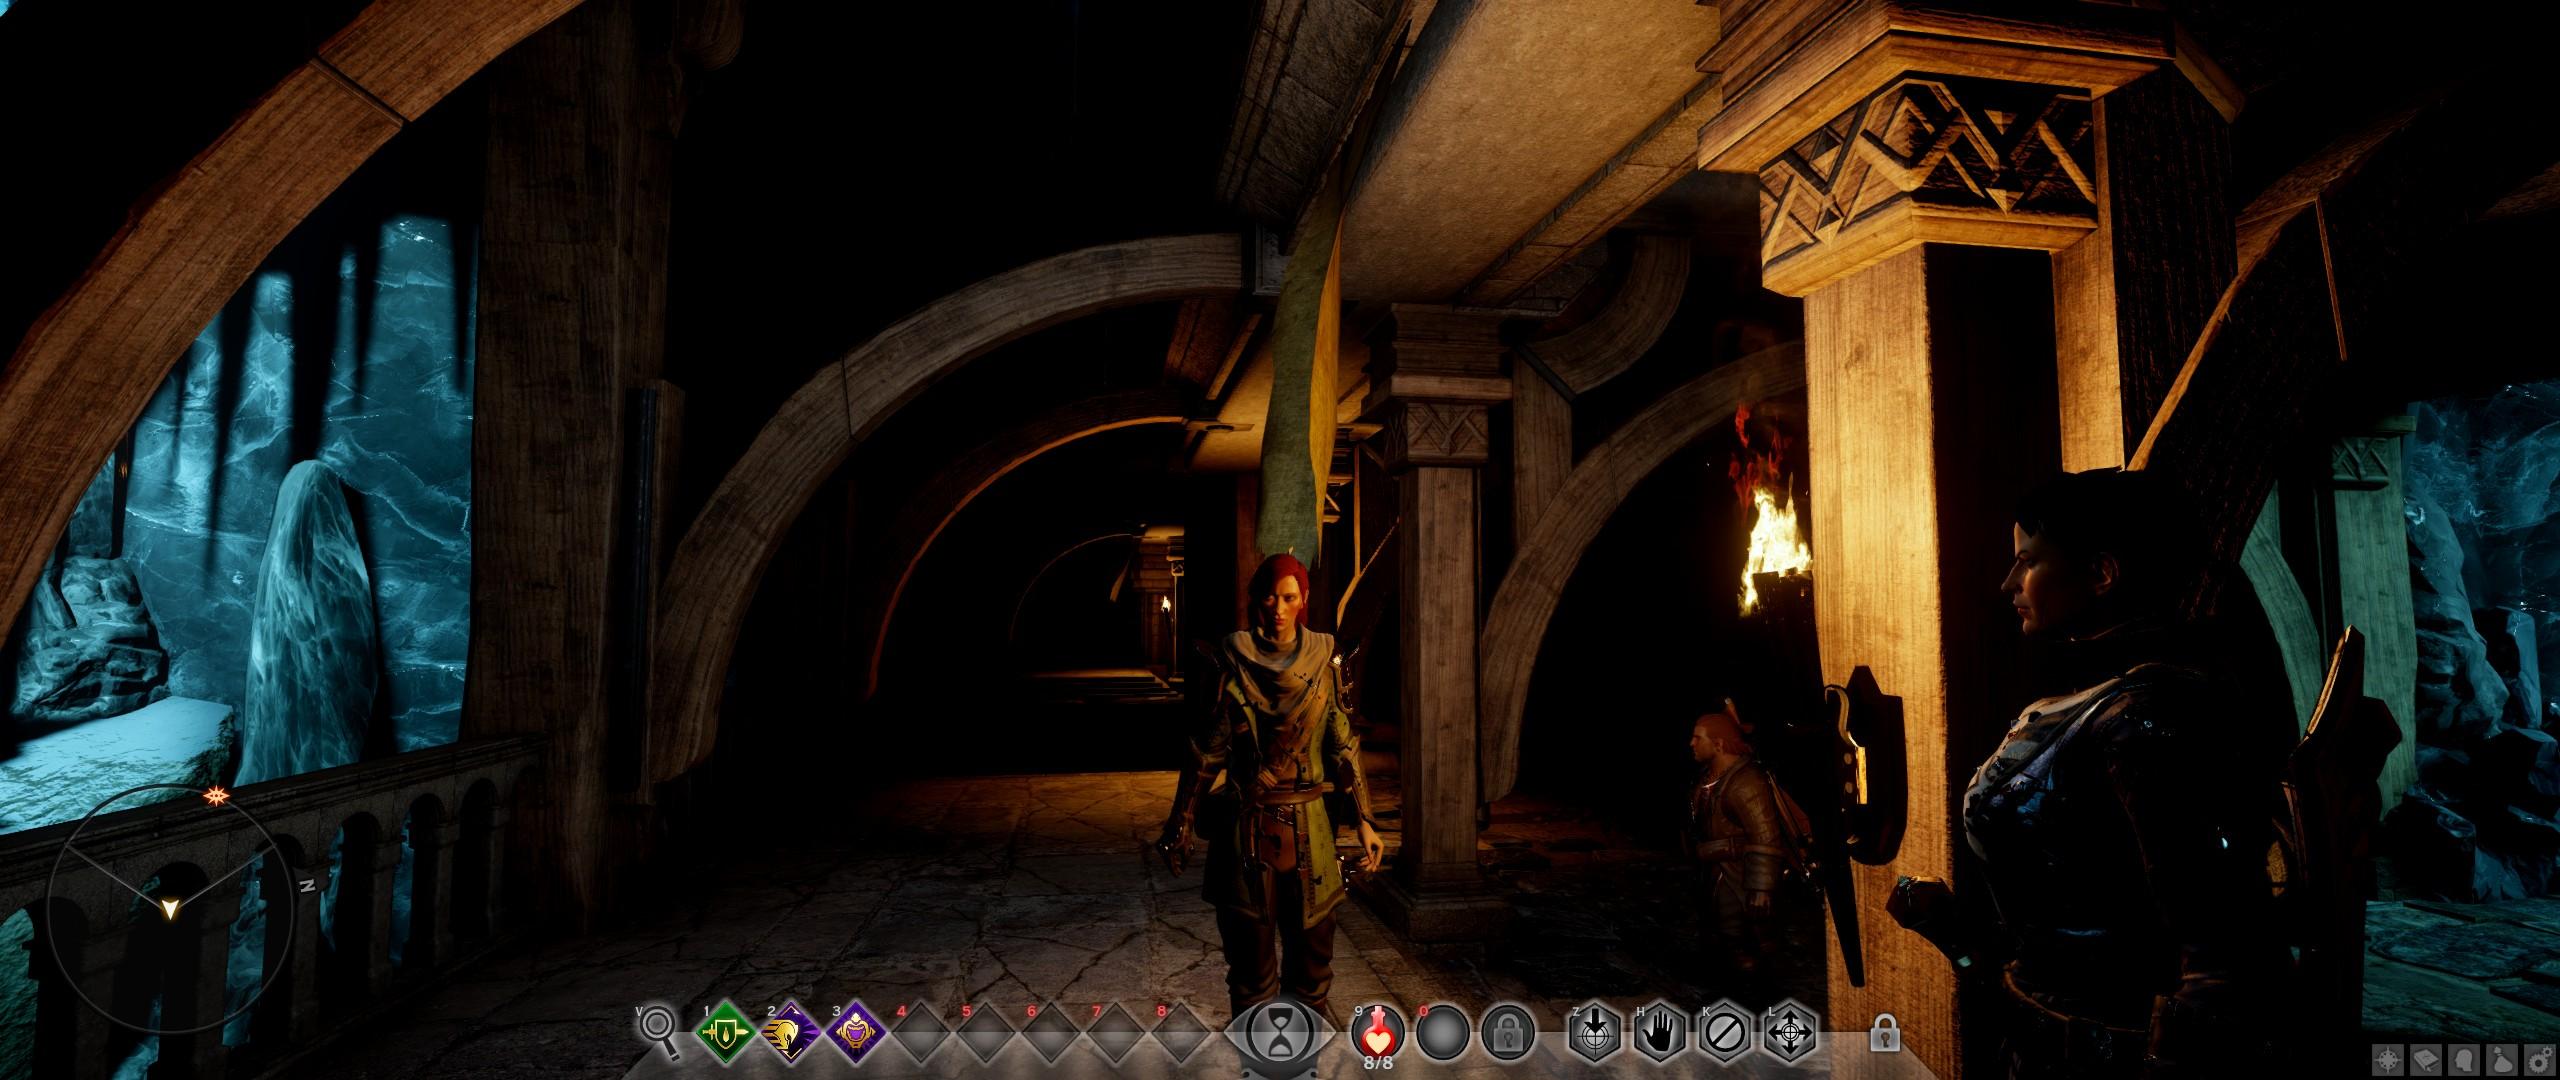 ScreenshotWin32_0002_Final